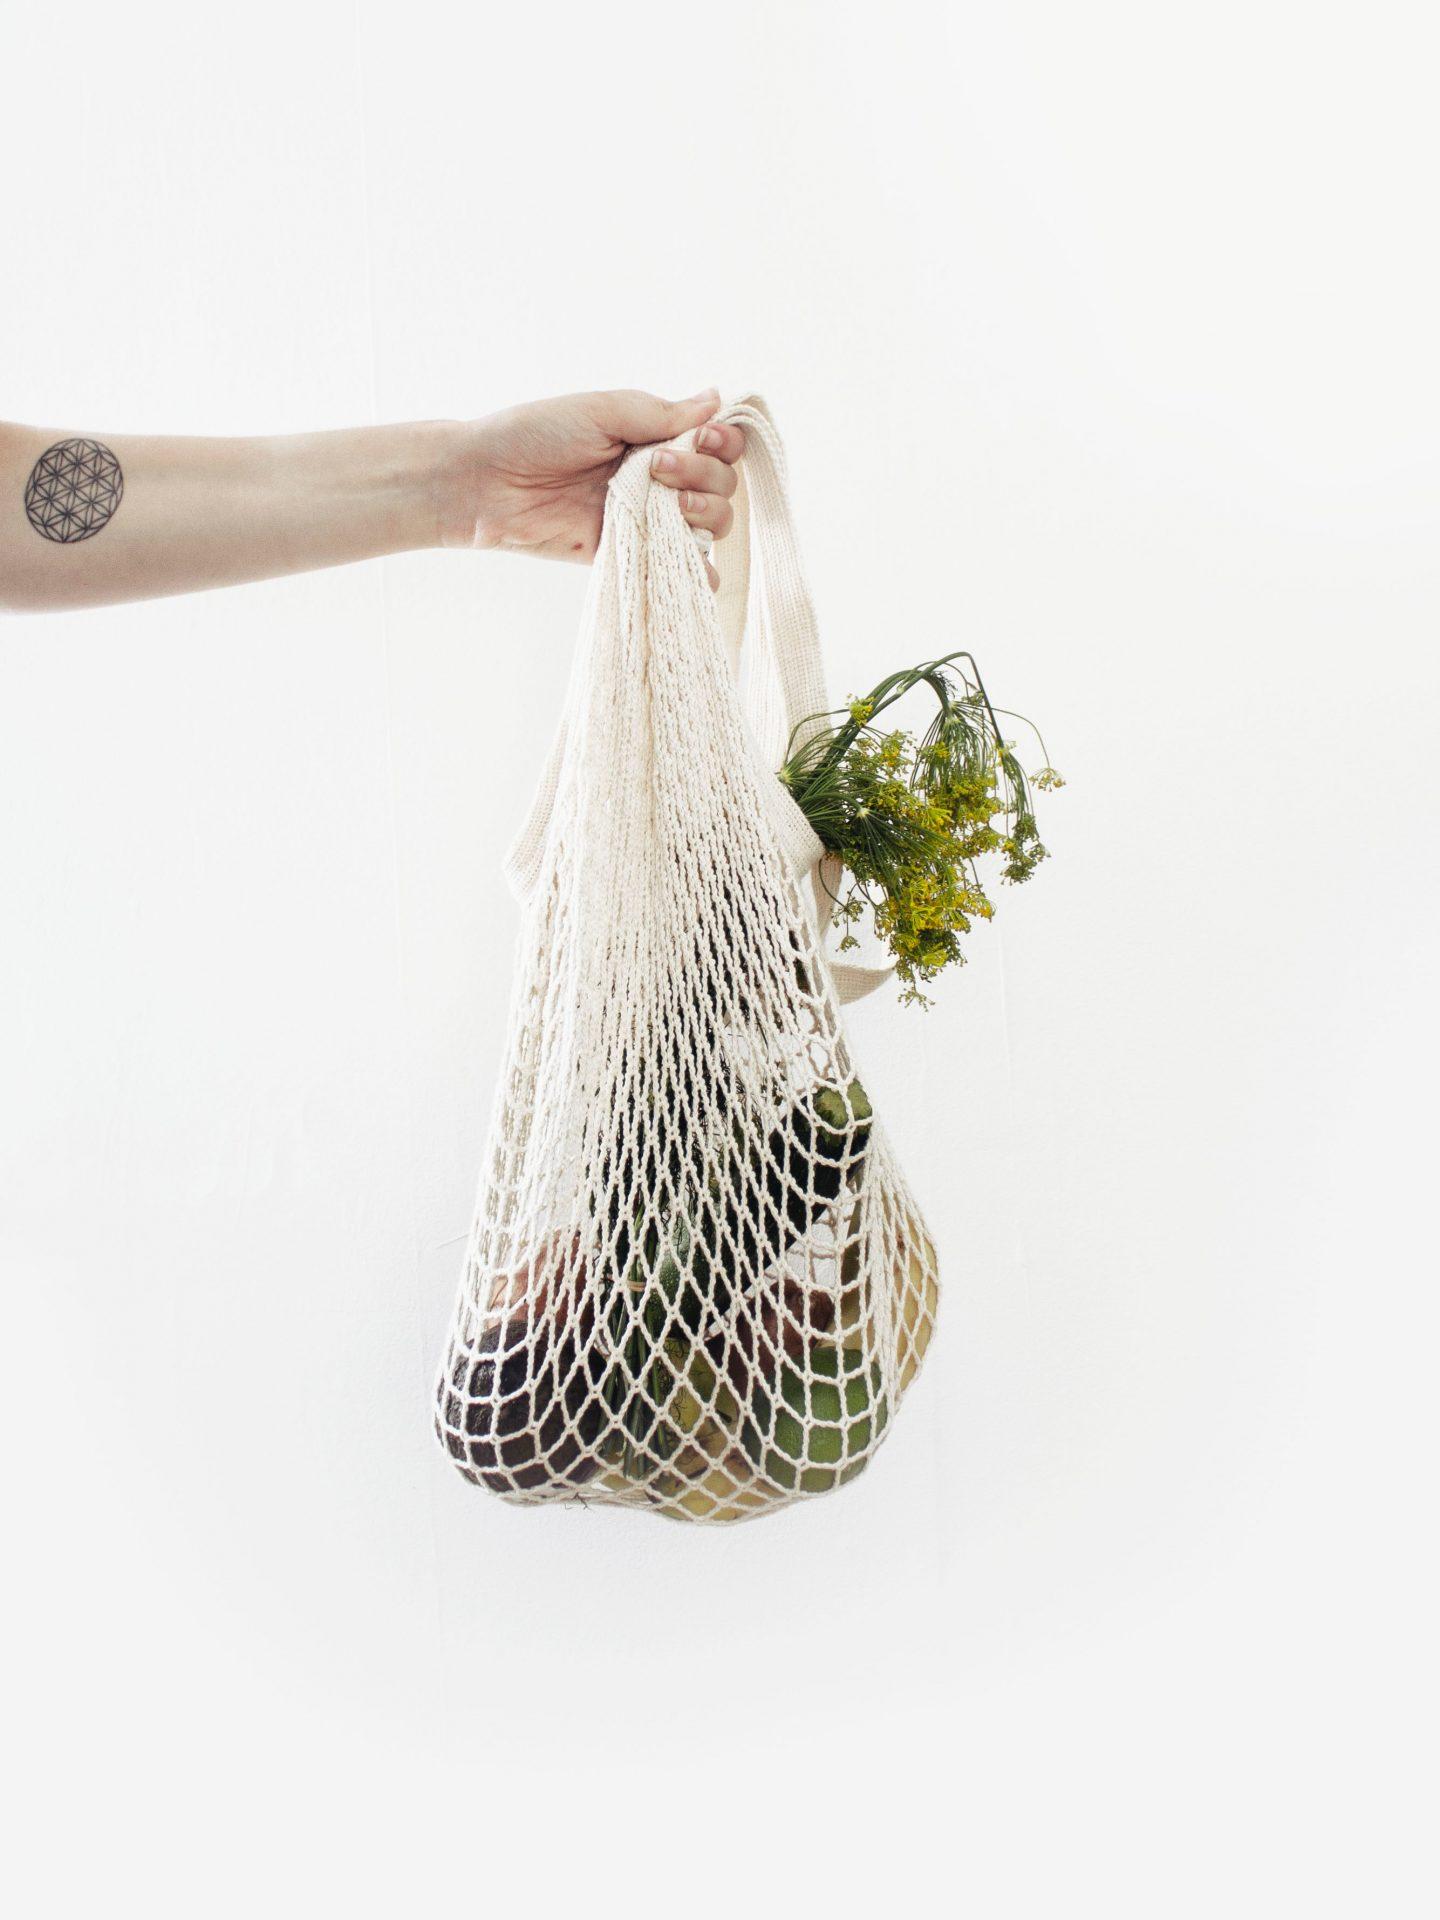 Emballage zéro déchet